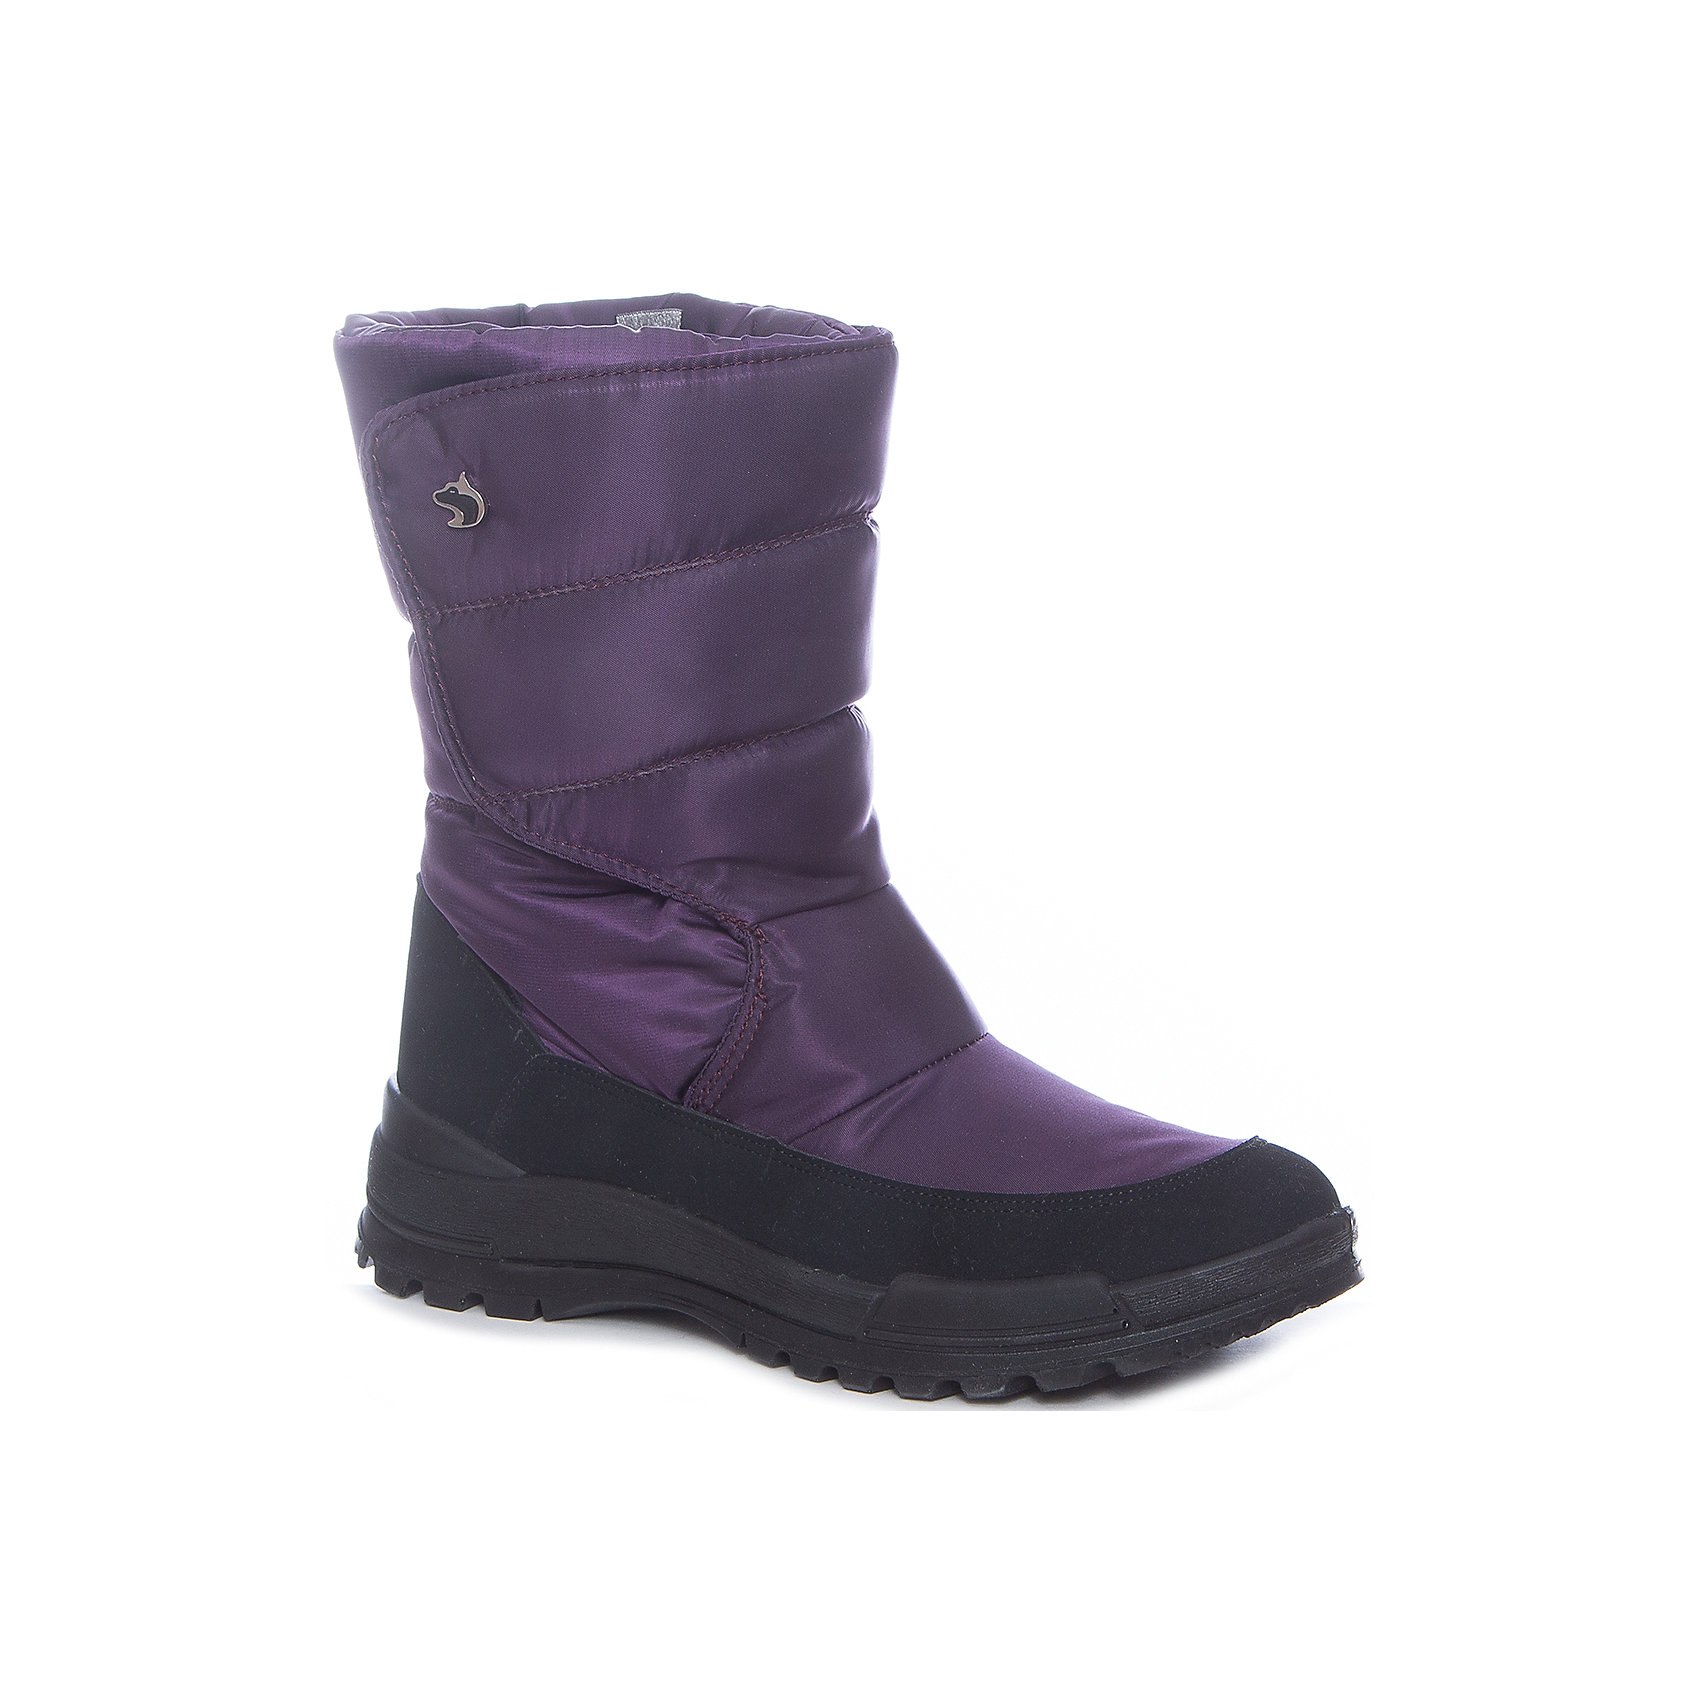 Сапоги Alaska Originale для девочкиДутики<br>Характеристики товара:<br><br>• цвет: фиолетовый<br>• внешний материал: текстиль<br>• внутренний материал: натуральная шерсть/искусственный мех<br>• стелька: натуральная шерсть/искусственный мех<br>• подошва: полимер<br>• сезон: зима<br>• мембранные<br>• водонепроницаемая пропитка верха<br>• температурный режим: от -30 до 0<br>• защита мыса<br>• подошва не скользит<br>• застежка: липучка<br>• анатомические <br>• страна бренда: Испания<br>• страна изготовитель: Румыния <br><br>Обращаем ваша внимание, что во всех сапогах Alaska Originale до 27 размера включительно внутренний материал – натуральная шерсть, начиная с 28 размера – искусственный мех.<br><br>Сапоги Alaska Originale для девочки благодаря мембранной технологии помогут сохранить ноги в тепле, не позволяя им промокнуть. Зимние детские сапоги дополнены легкой нескользящей подошвой и удобной застежкой.<br><br>В каждой модели обуви Alaska Originale продуманы все нюансы для обеспечения высокой степени комфорта. Обувь от итальянской компании Аляска Ориджинал - это высокотехнологичное производство и европейский дизайнеры. <br><br>Сапоги Alaska Originale для девочки (Аляска Ориджинал) можно купить в нашем интернет-магазине.<br><br>Ширина мм: 257<br>Глубина мм: 180<br>Высота мм: 130<br>Вес г: 420<br>Цвет: лиловый<br>Возраст от месяцев: 144<br>Возраст до месяцев: 156<br>Пол: Женский<br>Возраст: Детский<br>Размер: 36,42,37,38,39,40,41<br>SKU: 6984686